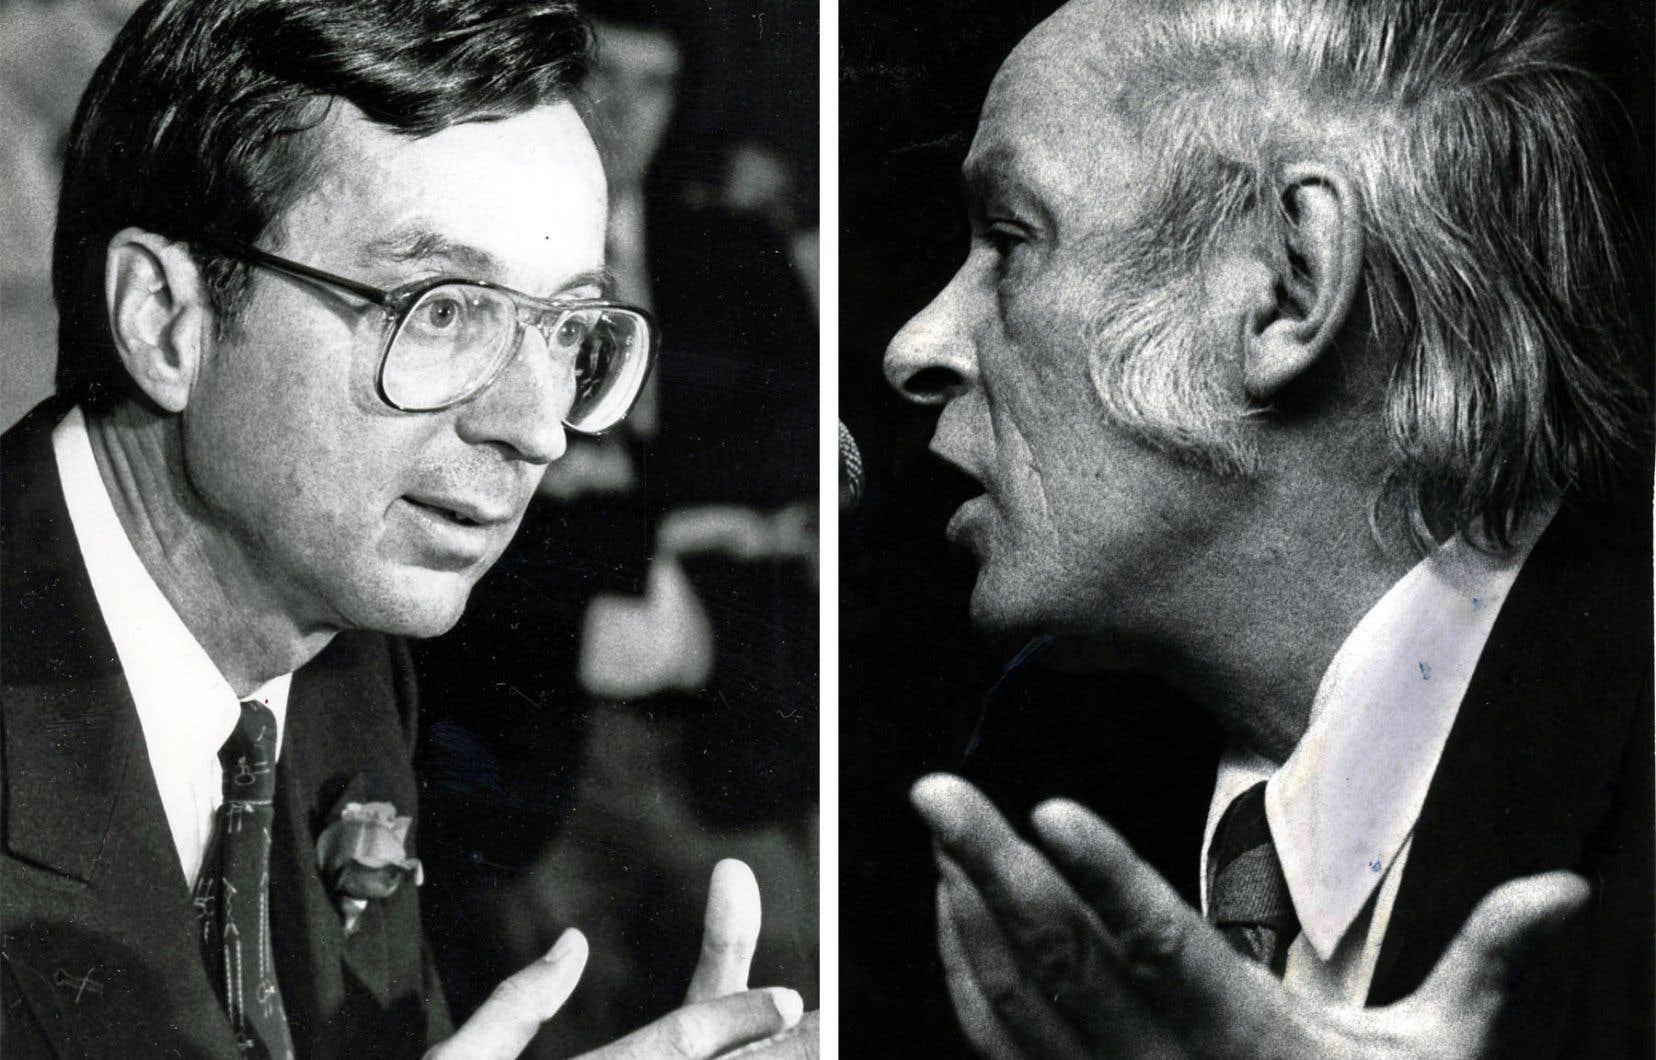 Lors des élections de 1970, il ressort que le marketing libéral a surtout été axé sur la raison, une coordination bien établie et un contrôle rigide et constant des présences de Robert Bourassa à la télévision. Celui du PQ a davantage joué la carte de la passion pour son projet.